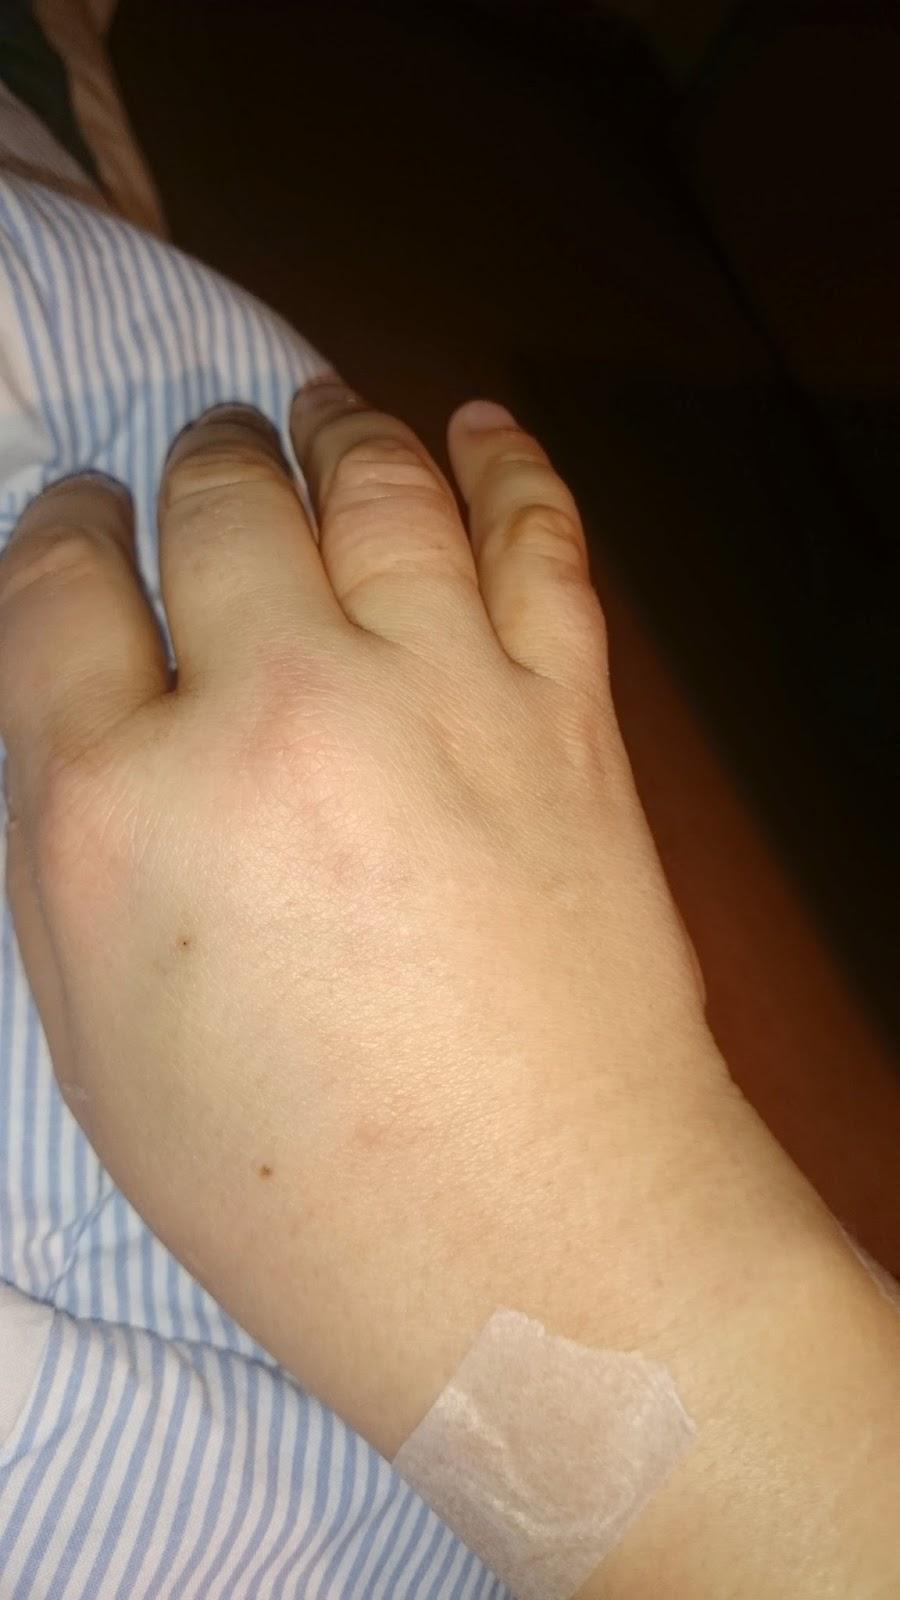 svullen arm och hand